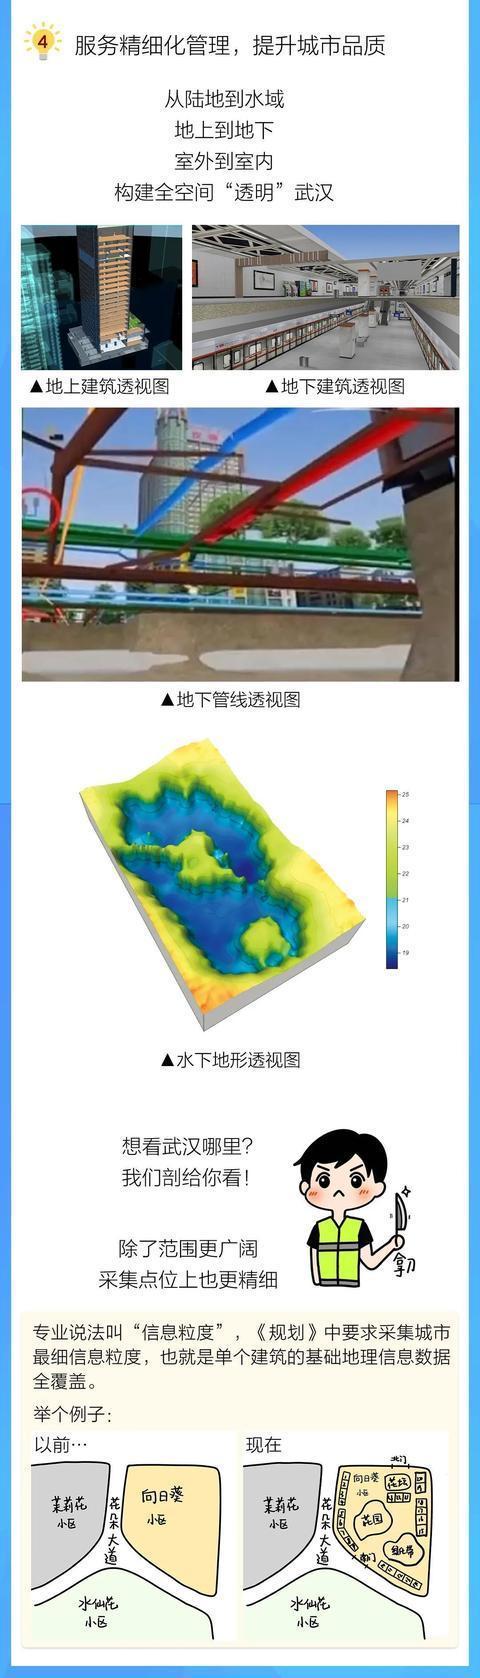 《武汉市基础测绘十四五计划》发表,今后五年武汉将这样做!|一图读。 第11张